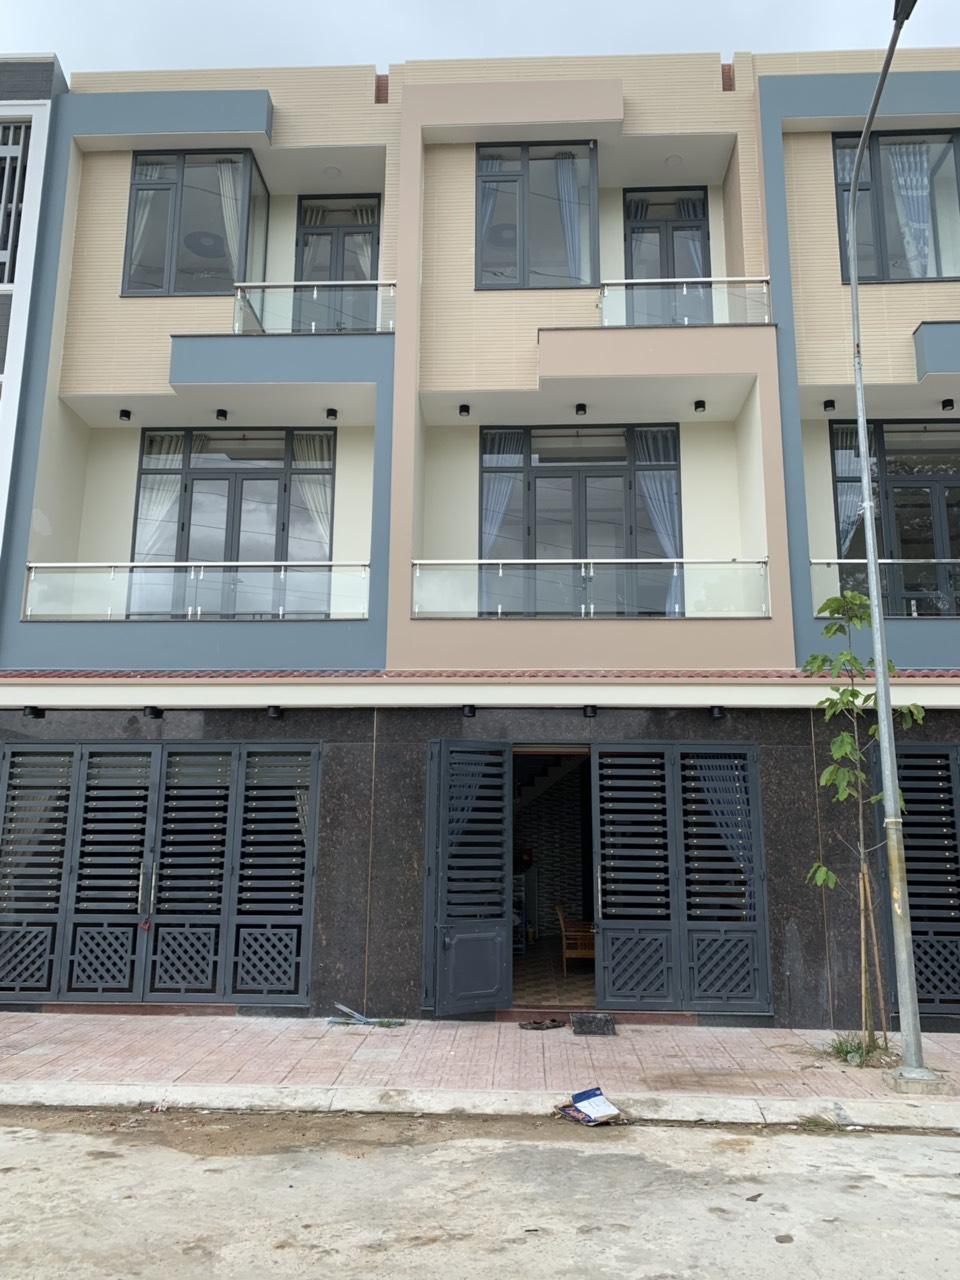 Bán nhà sổ hồng riêng 1 trệt 2 lầu phường Đông Hòa giá rẻ thị xã Dĩ An